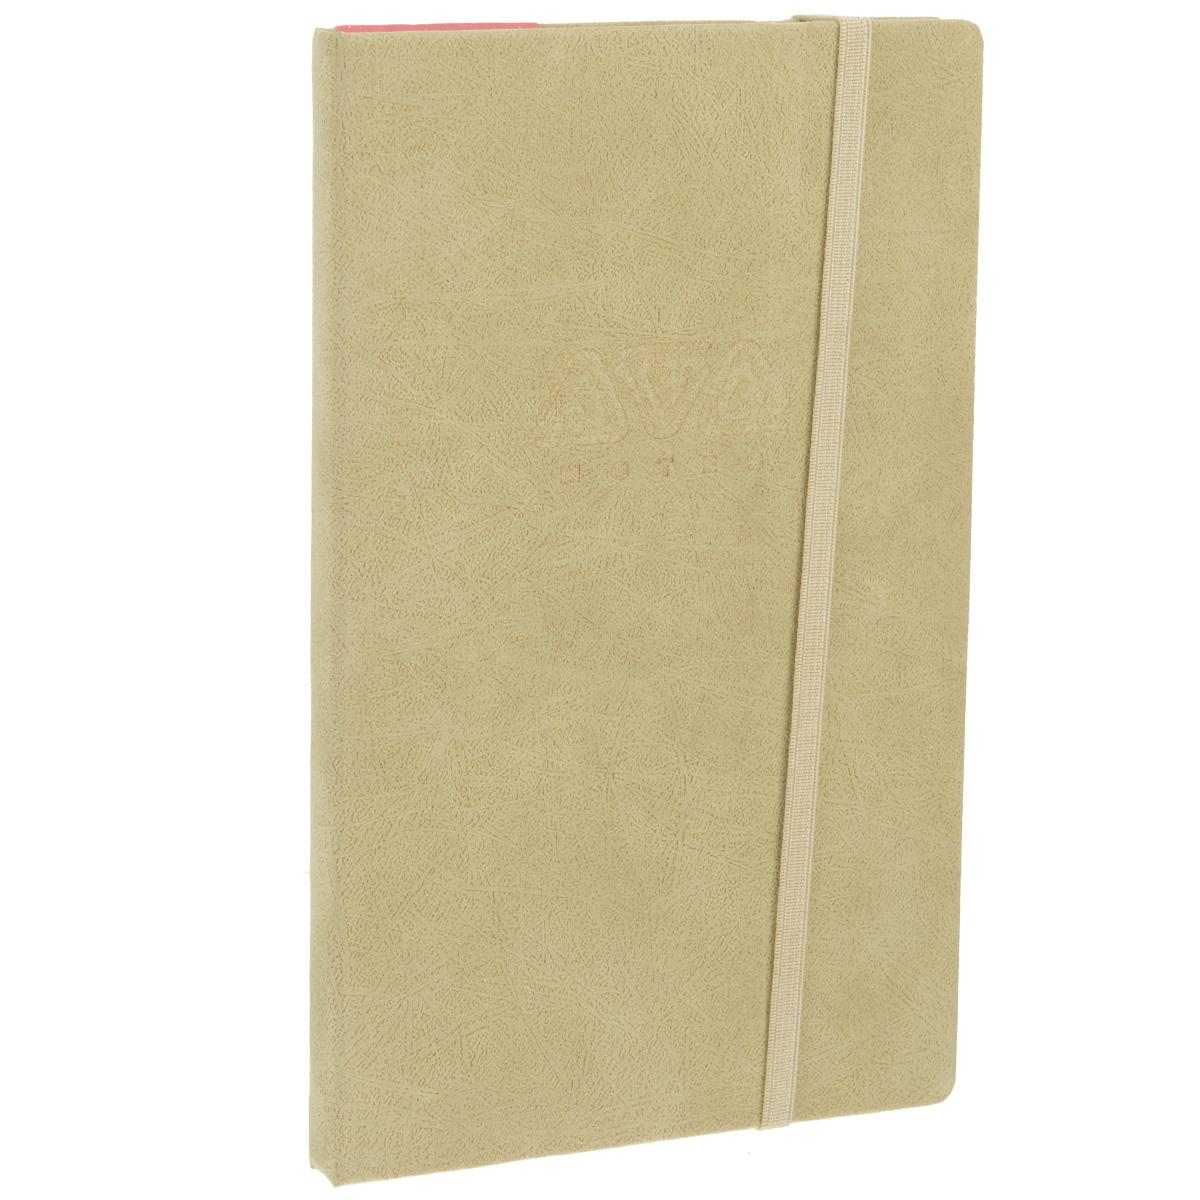 Записная книжка Erich Krause Ethnic, цвет: бежевый, 96 листов36783Записная книжка Erich Krause Ethnic - это дополнительный штрих к вашему имиджу. Демократичная в своем содержании, книжка может быть использована не только для личных пометок и записей, но и как недатированный ежедневник. Надежная твердая обложка из плотного картона, обтянутого приятным на ощупь текстильным материалом, сохранит ее в аккуратном состоянии на протяжении всего времени использования. Плотная в линейку бумага белого цвета, закладка-ляссе, практичные скругленные углы, эластичная петелька для ручки и внутренний бумажный карман на задней обложке - все это обеспечит вам истинное удовольствие от письма. В начале книжки имеется страничка для заполнения личных данных владельца, четыре страницы для заполнения адресов, телефонов и интернет-почты и четыре страницы для заполнения сайтов и ссылок. Благодаря небольшому формату книжку легко взять с собой. Записная книжка плотно закрывается при помощи фиксирующей резинки.